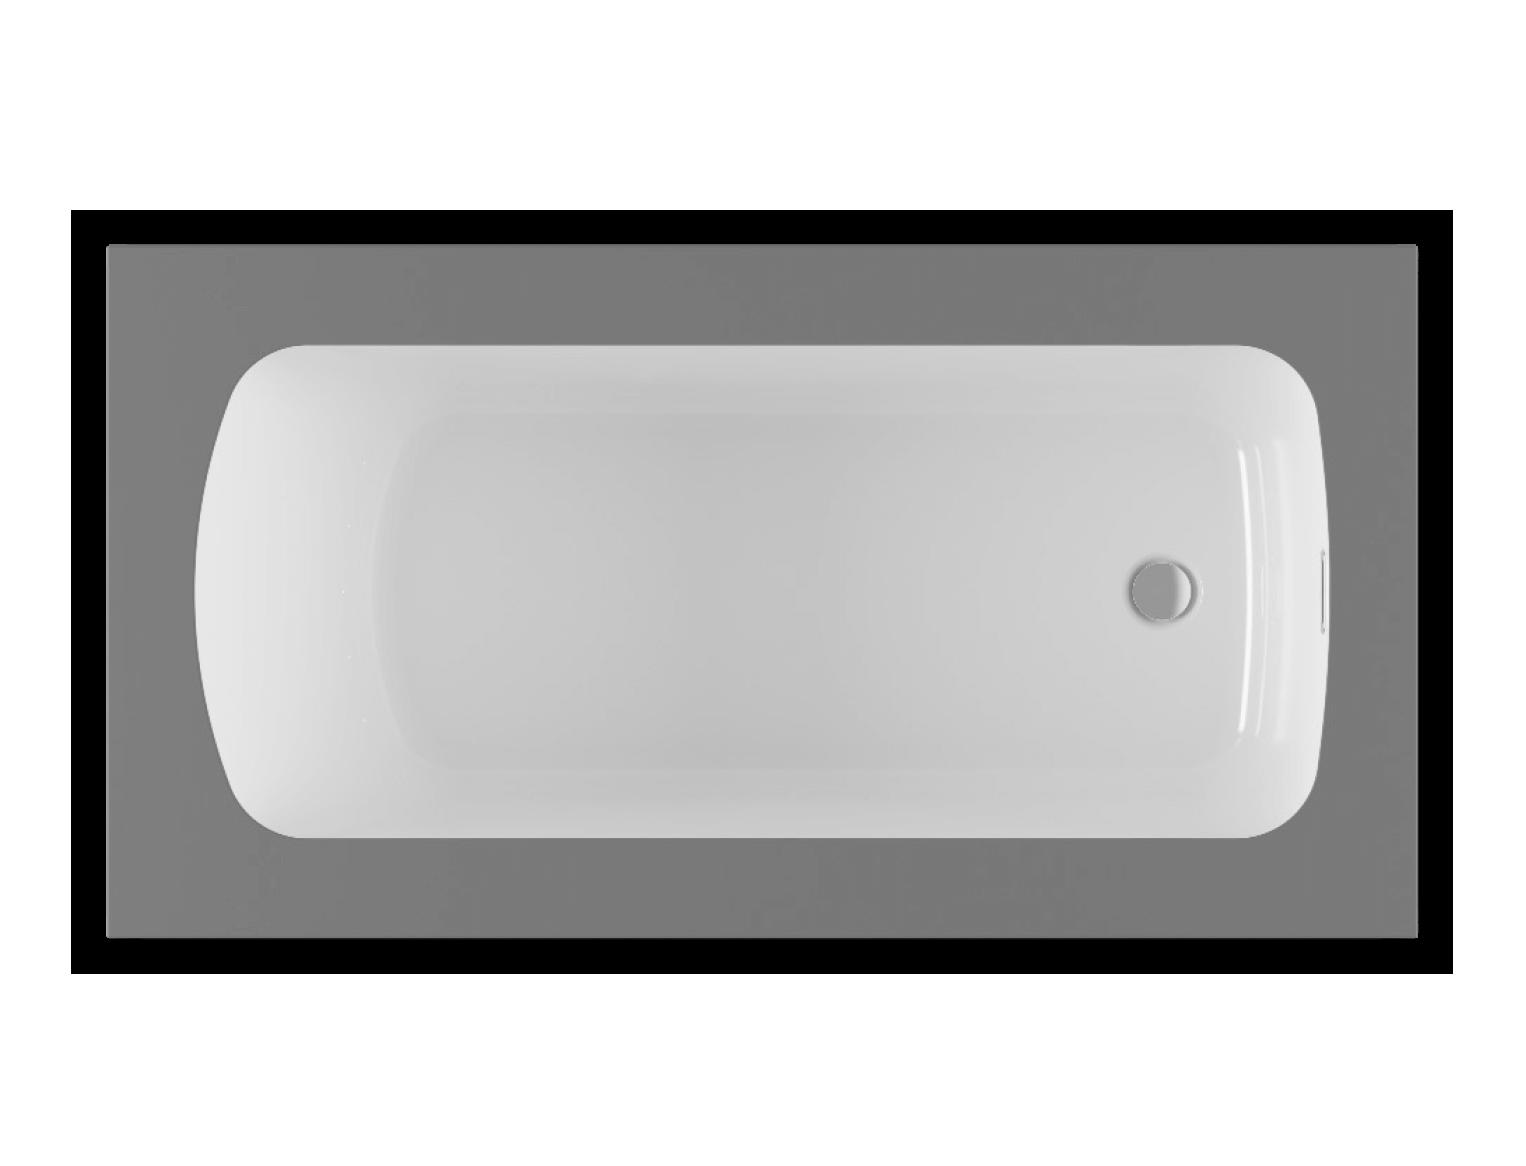 Monarch 6036 air jet bathtub for your modern bathroom